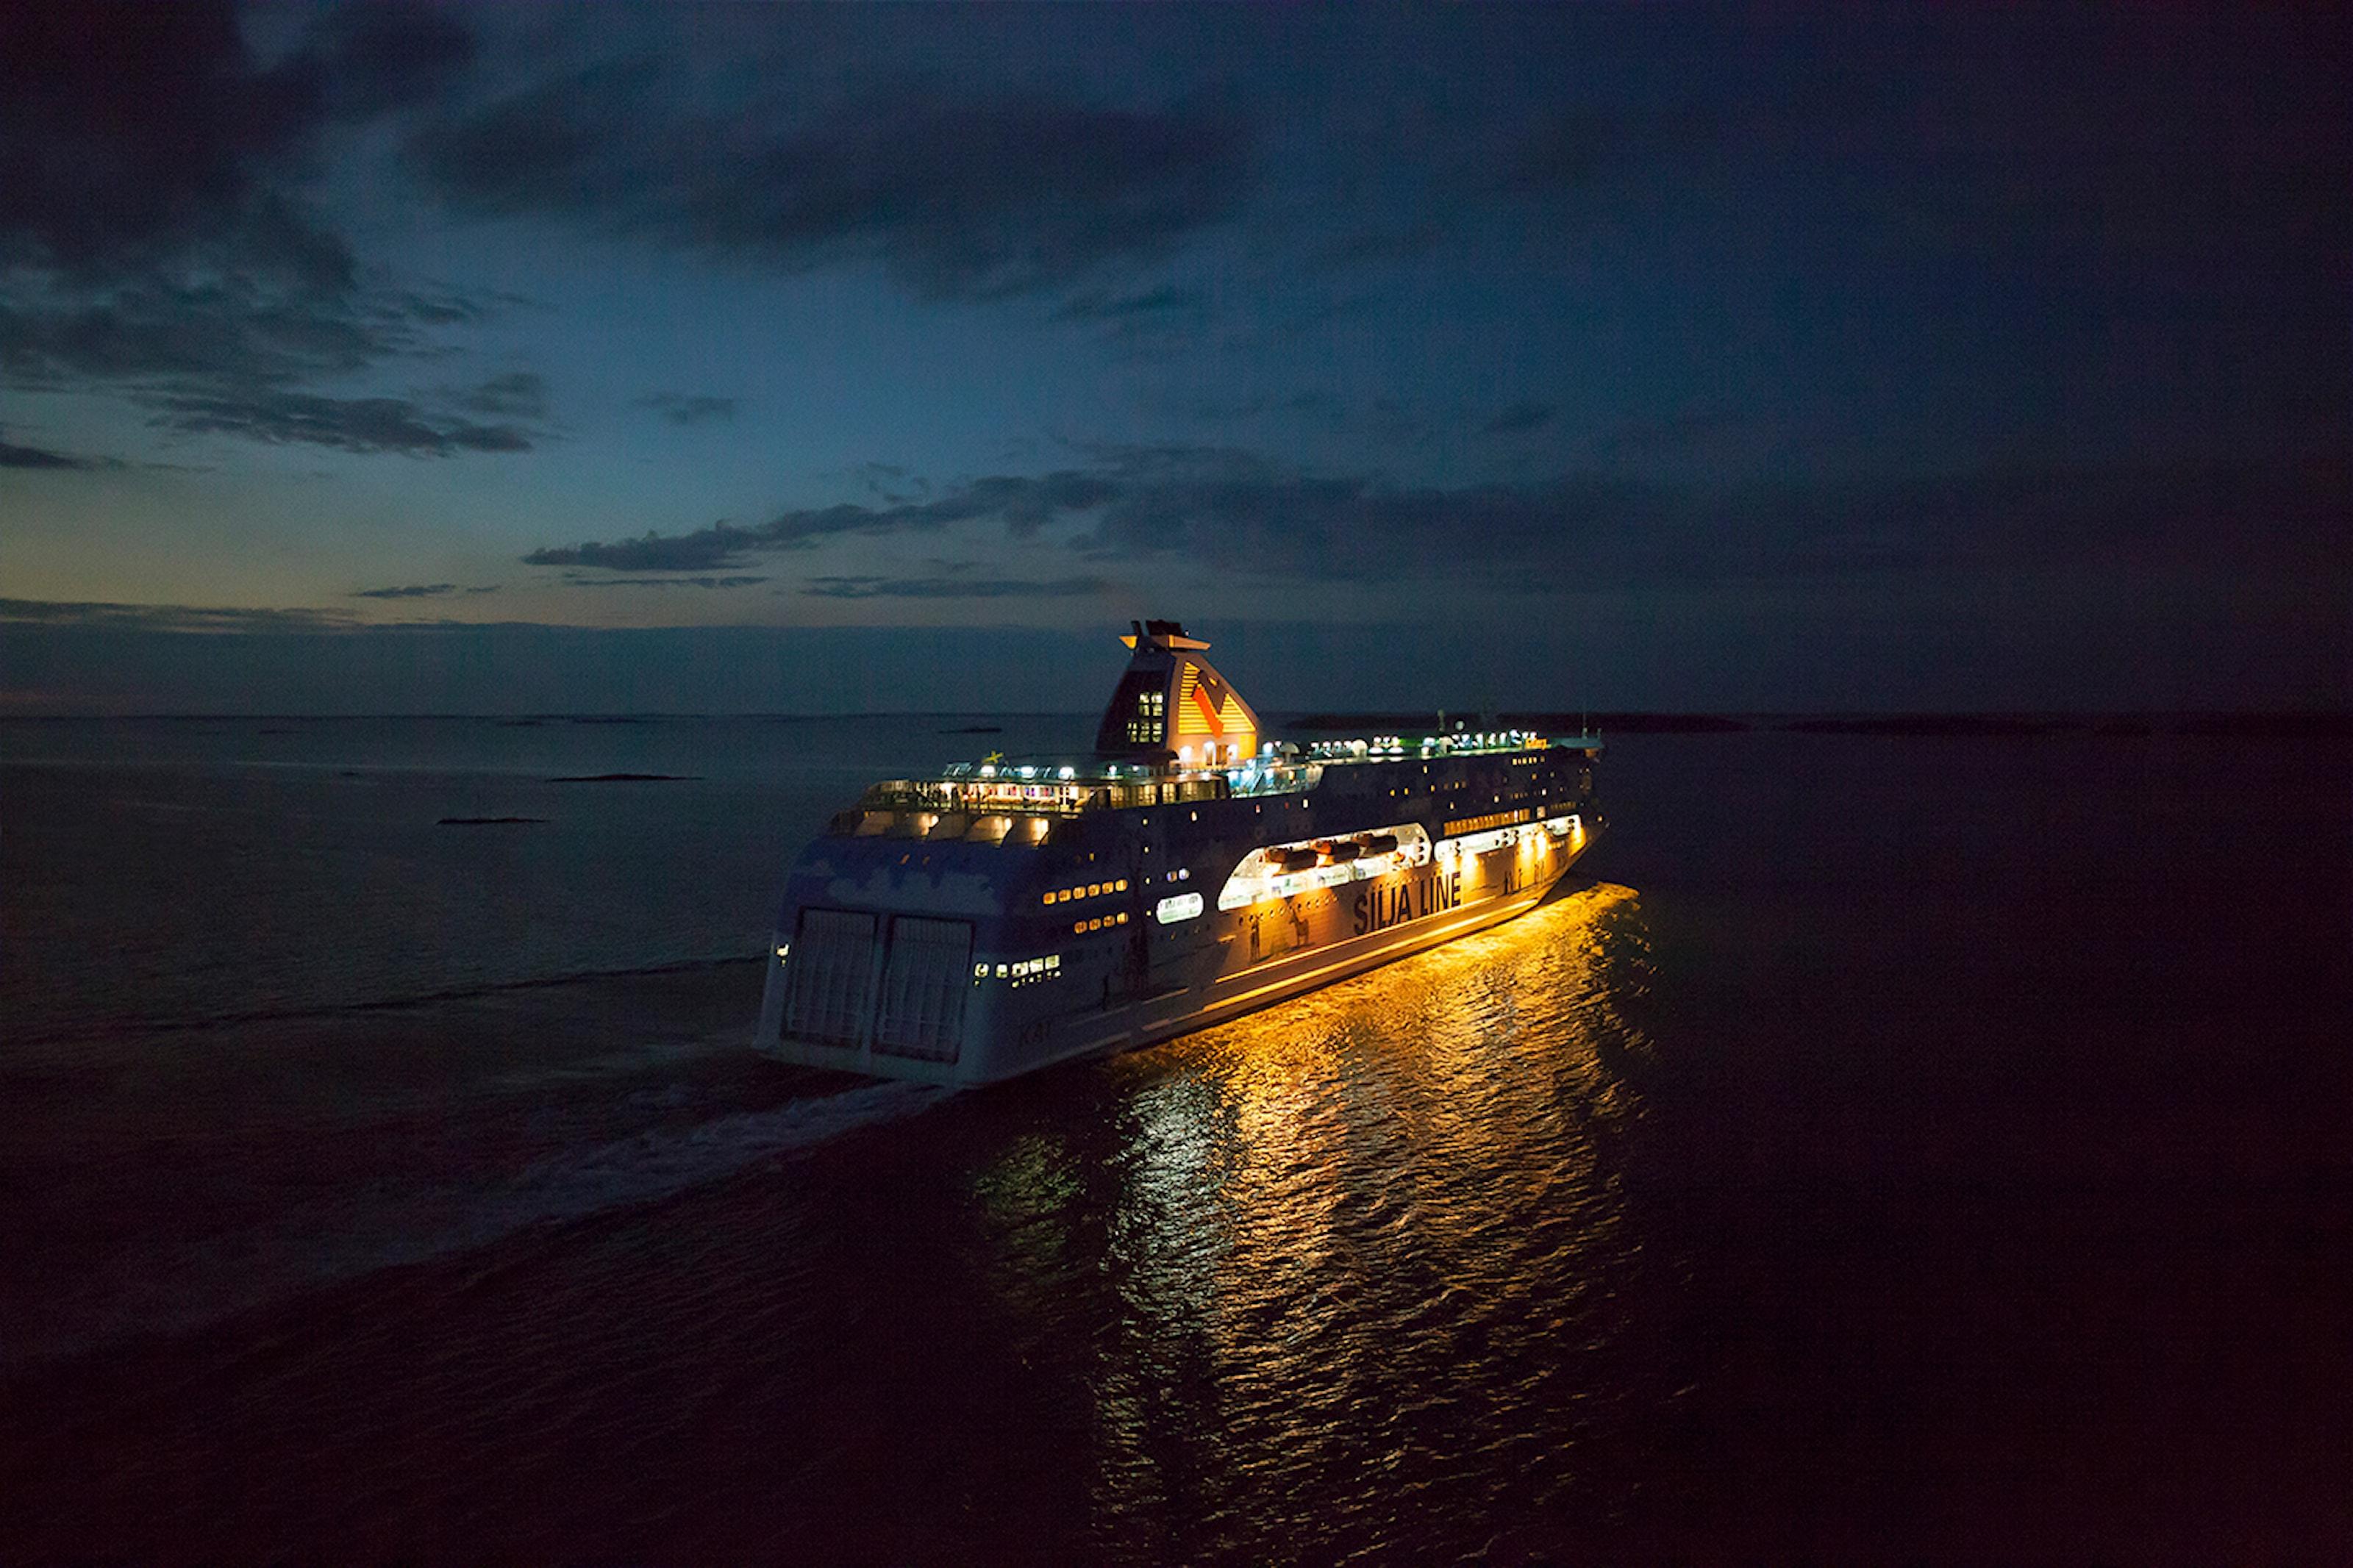 23-timmarskryssning med Silja Line Galaxy